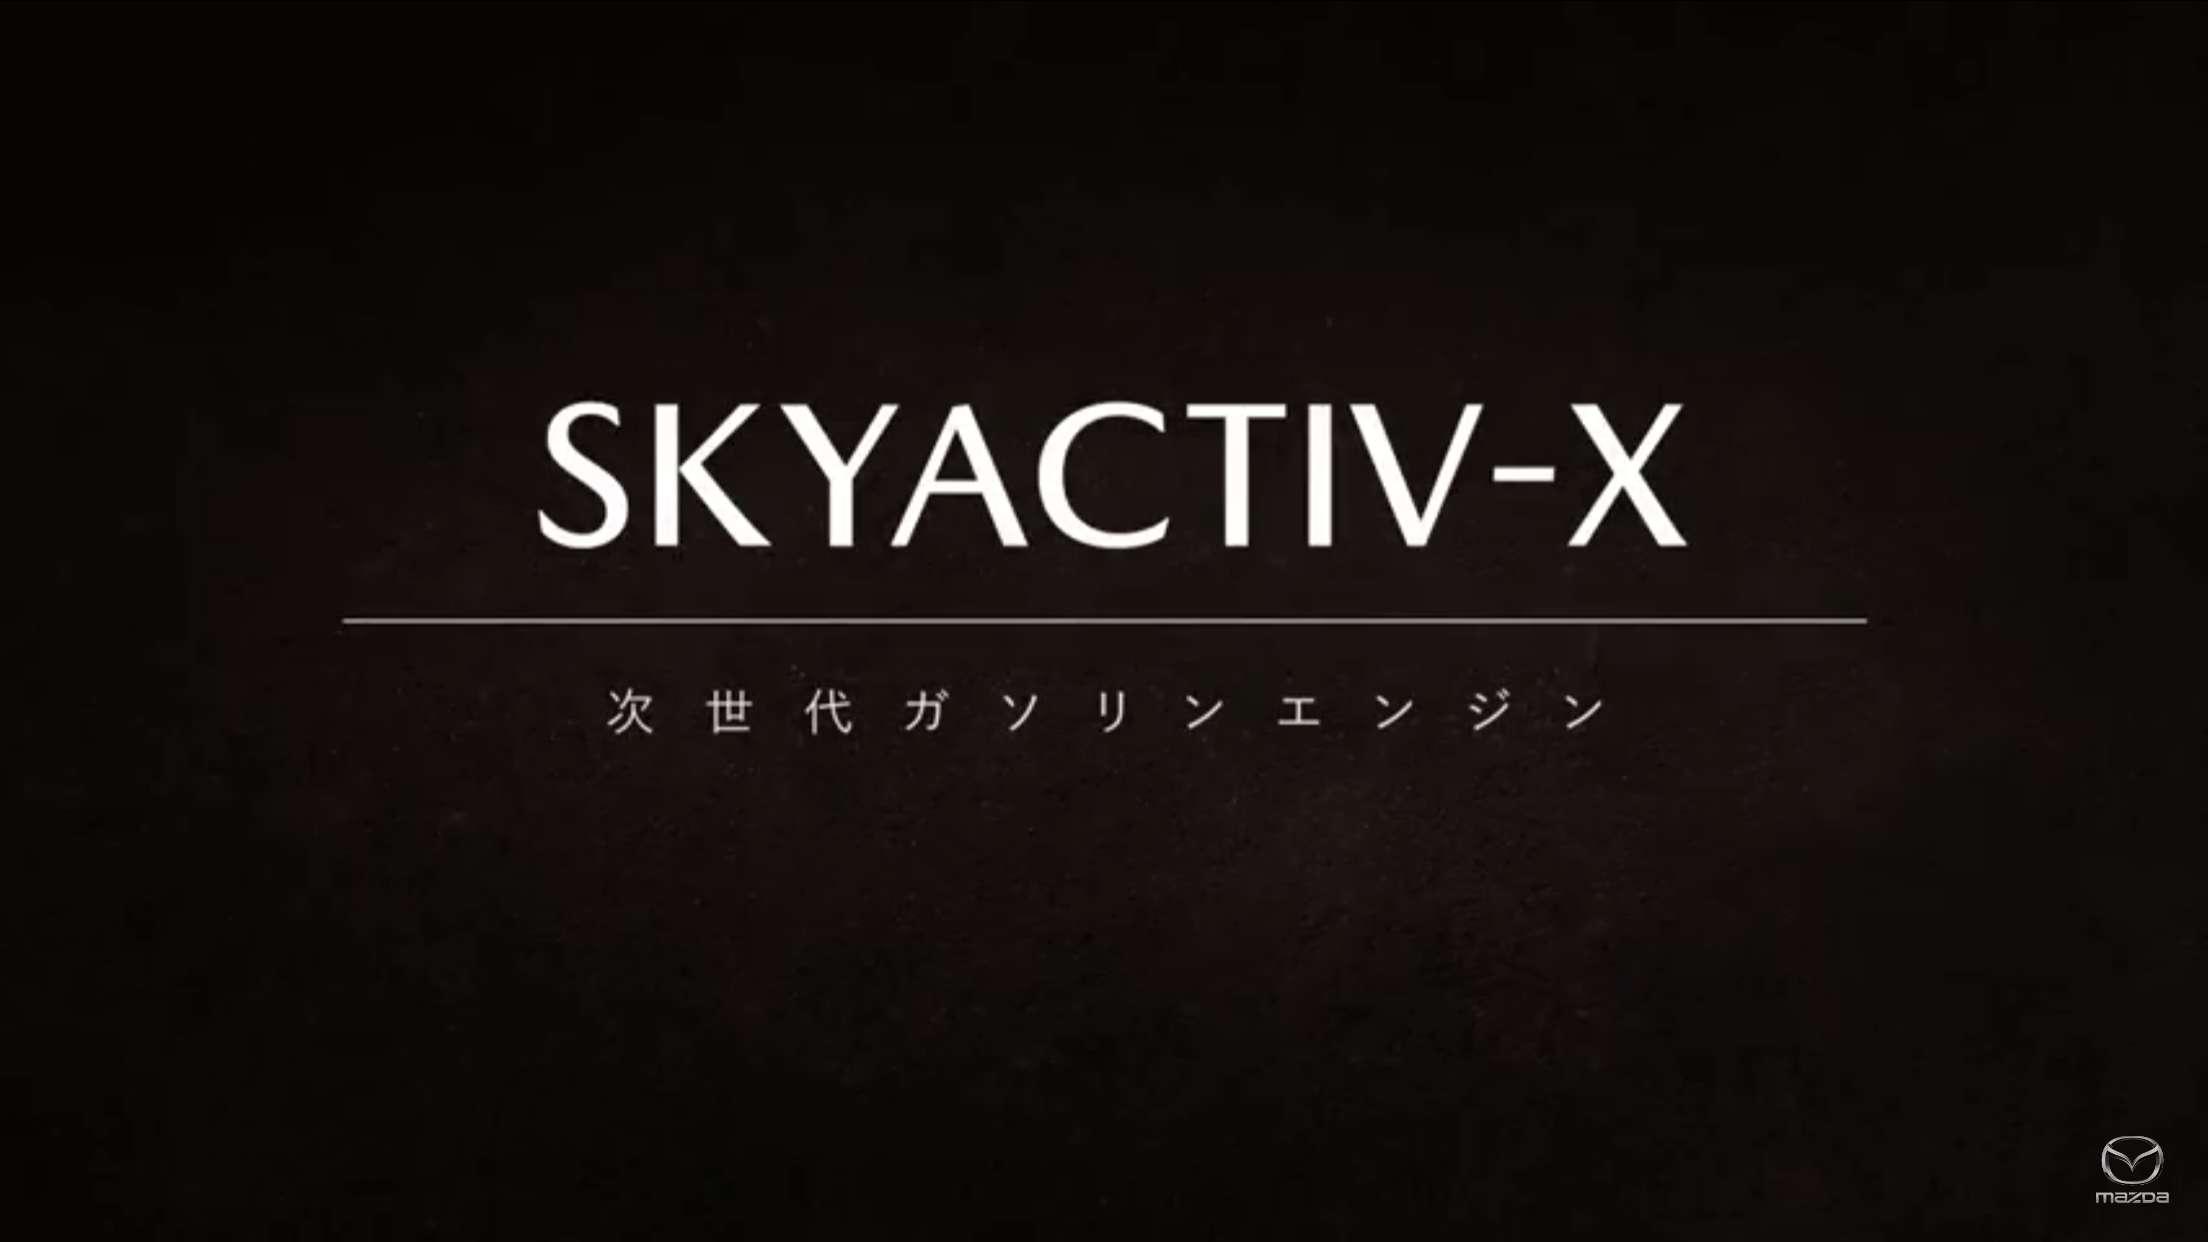 skyactiv x スカイアクティブx 燃費 発売 馬力 価格 ロードスター